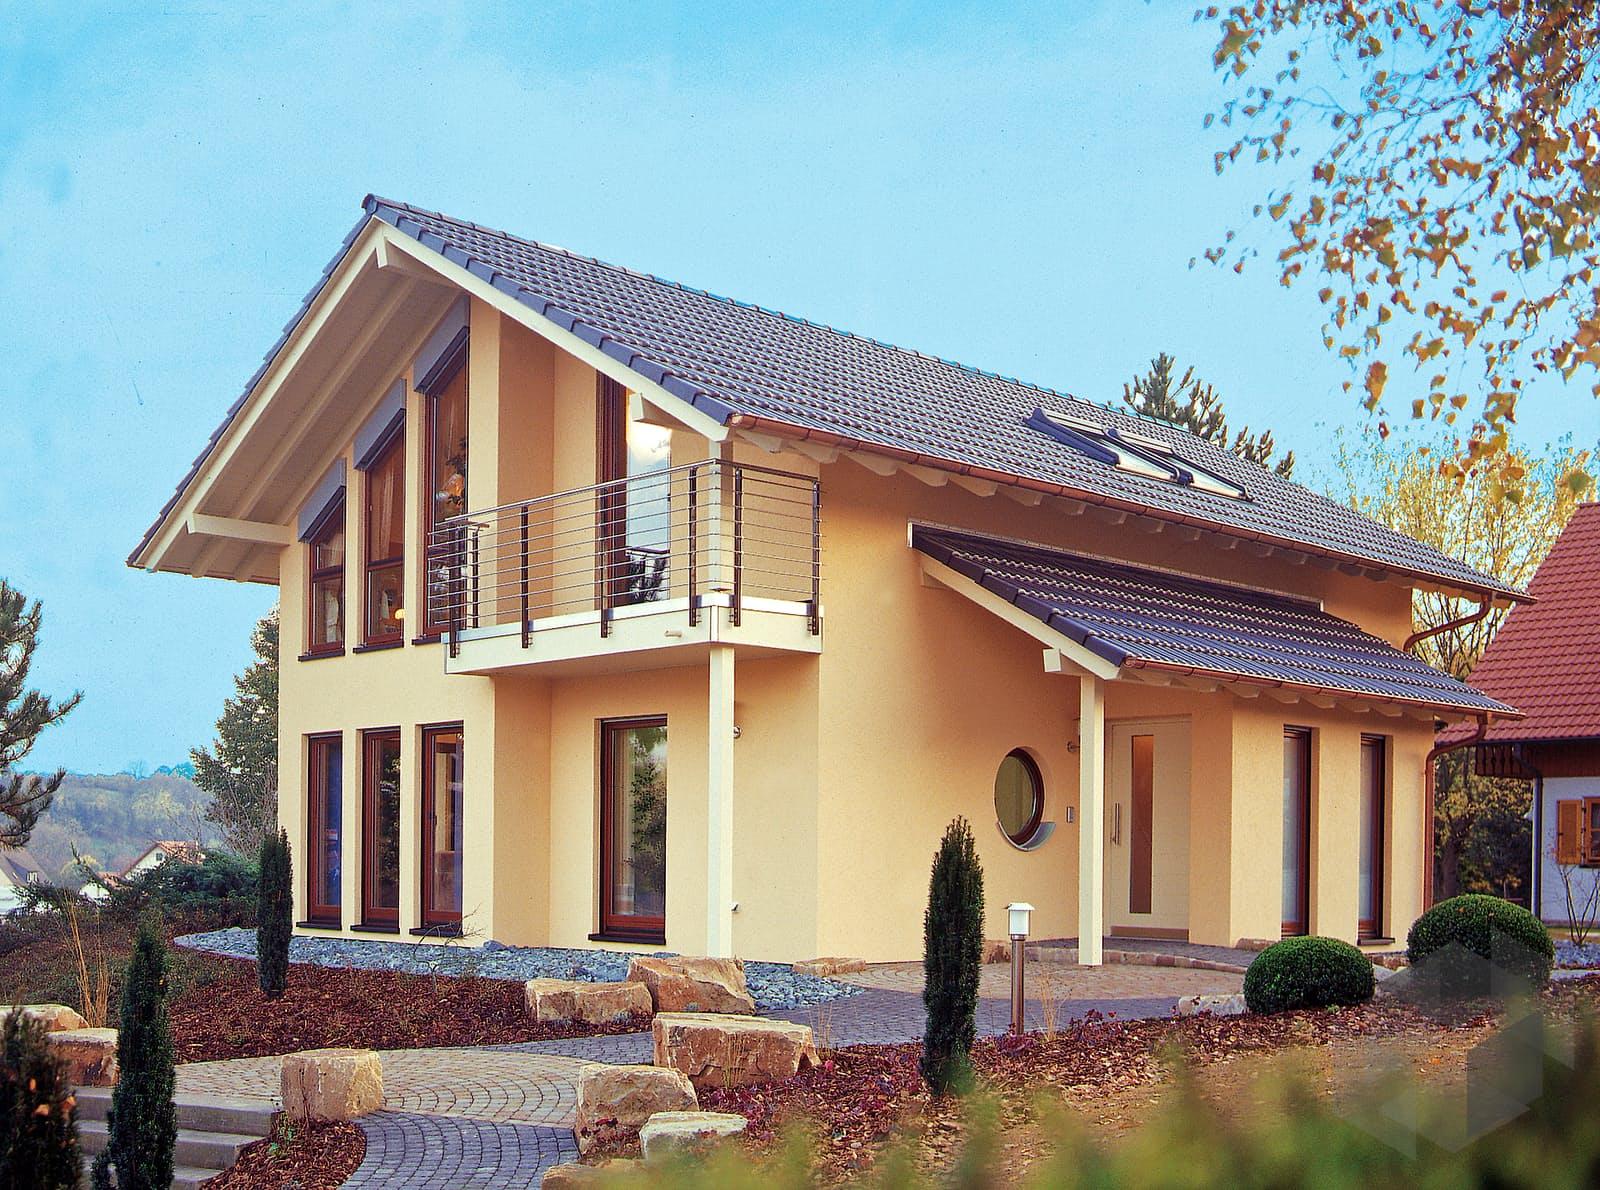 fino 300 a musterhaus w rzburg von fingerhaus komplette daten bersicht. Black Bedroom Furniture Sets. Home Design Ideas